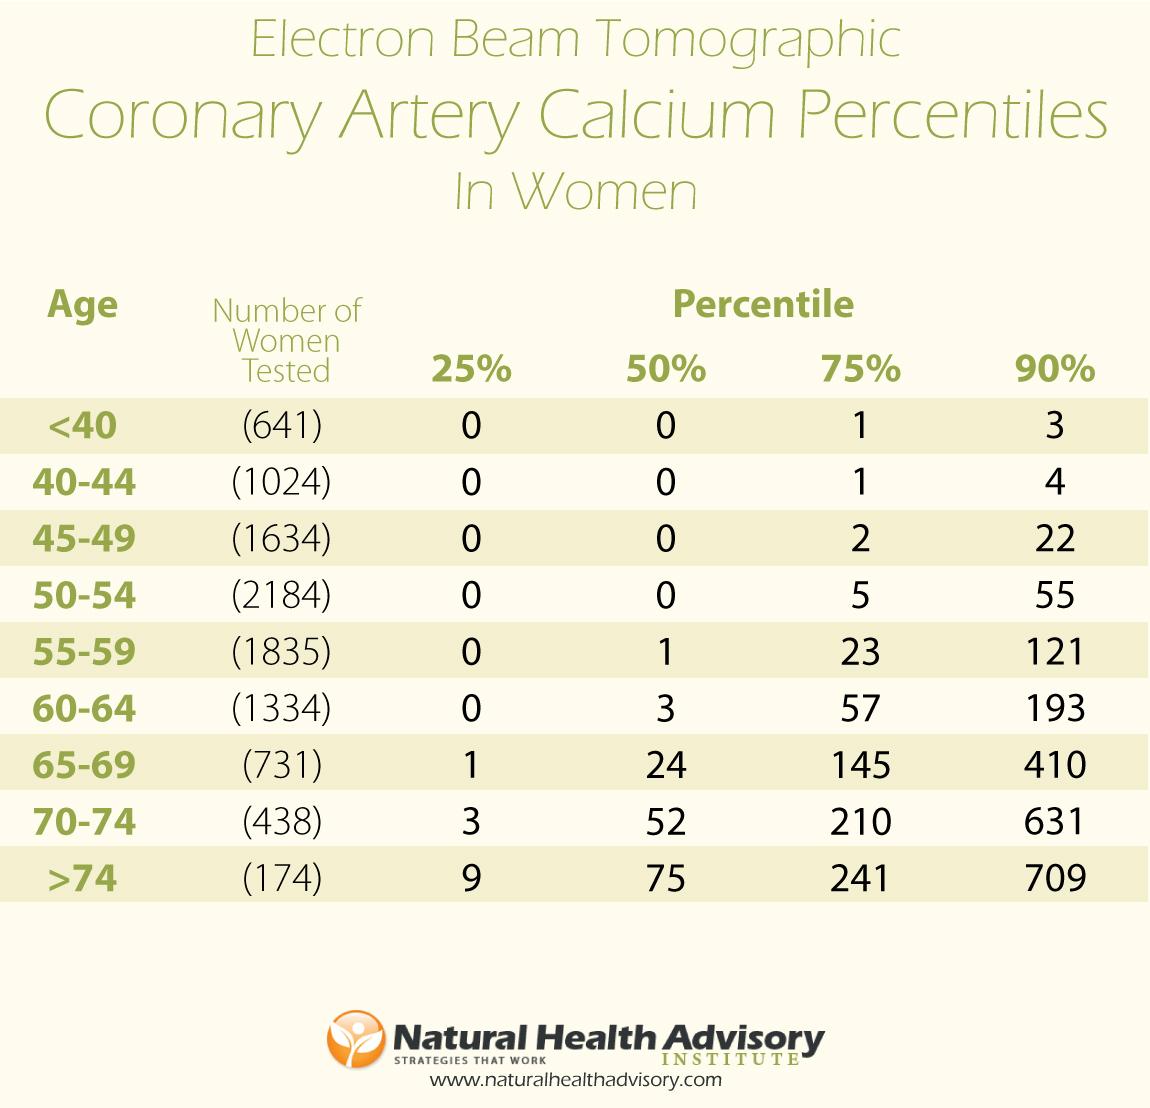 calcium-scores-women